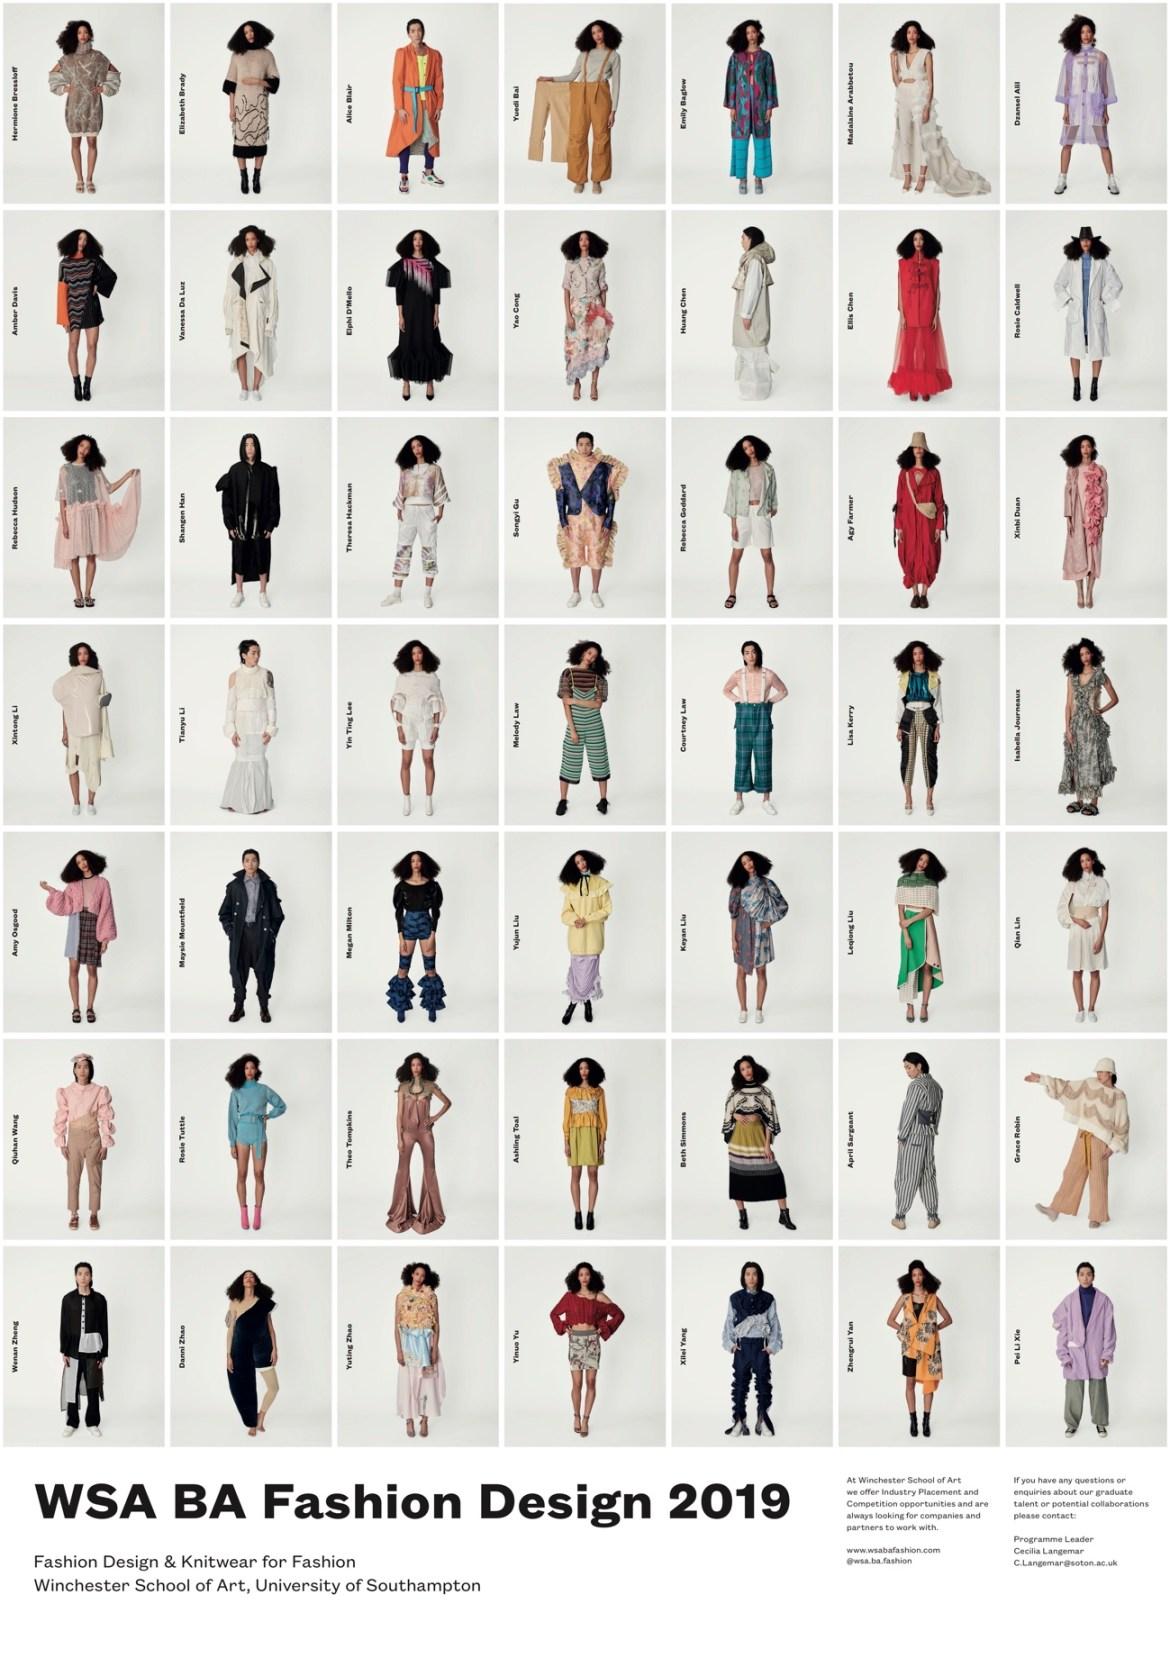 Wsa ba fashion design 2019